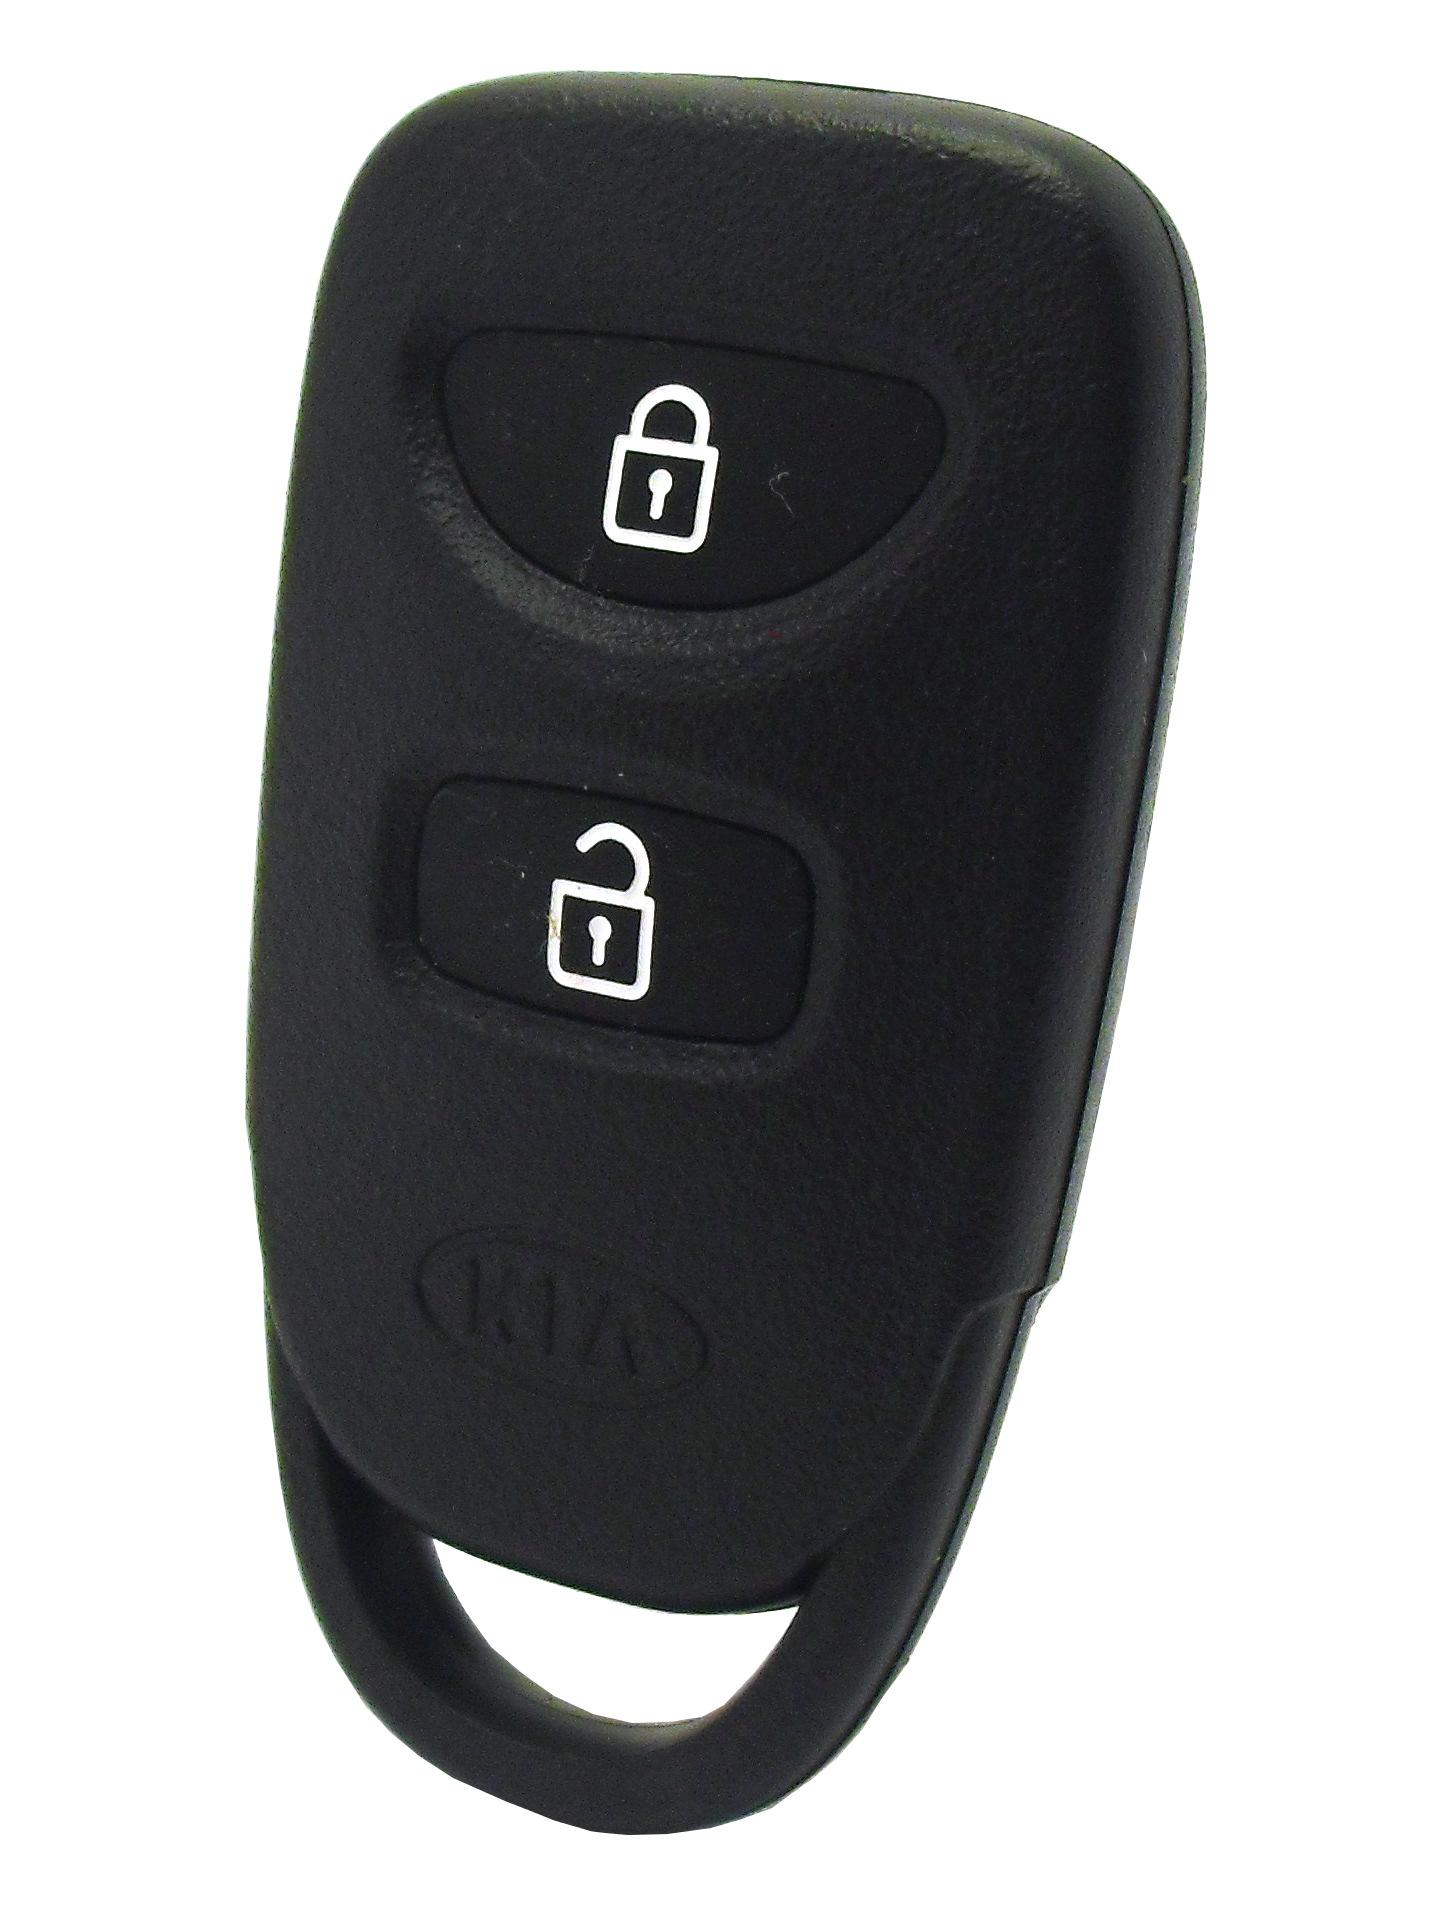 Kia Keyless Entry Remote - 3 button